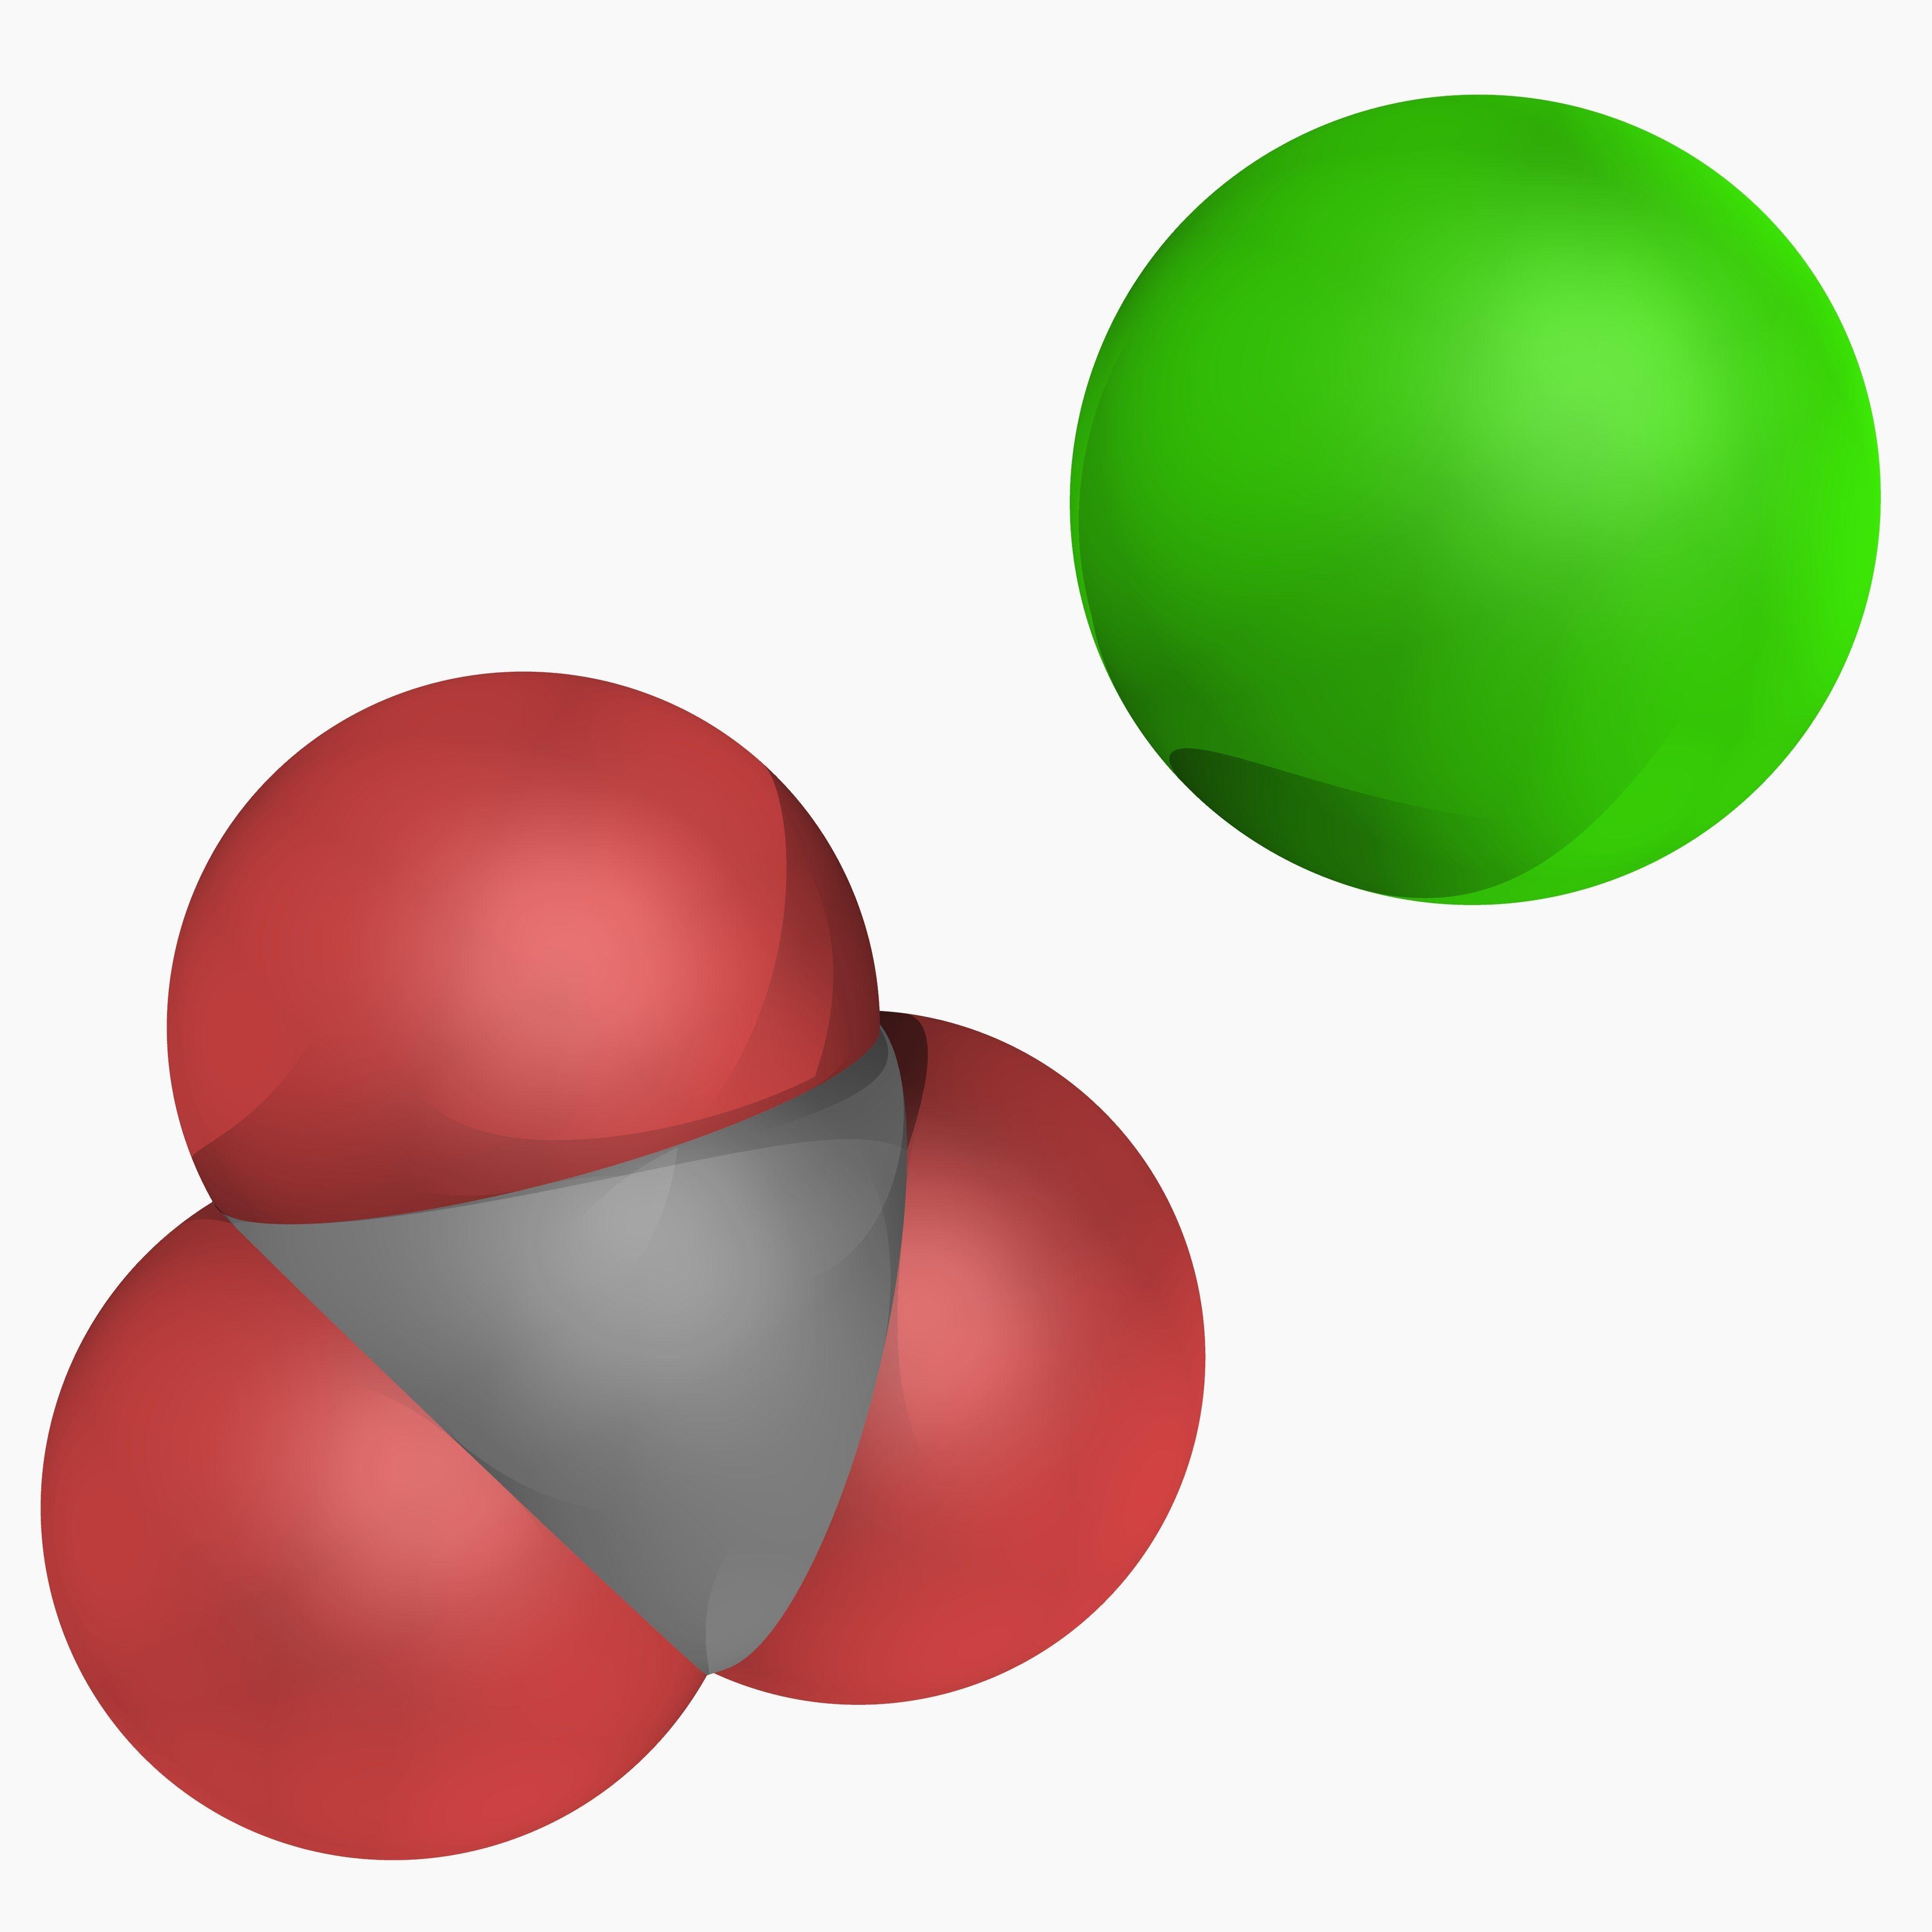 Calcium Bicarbonate clipart #4, Download drawings